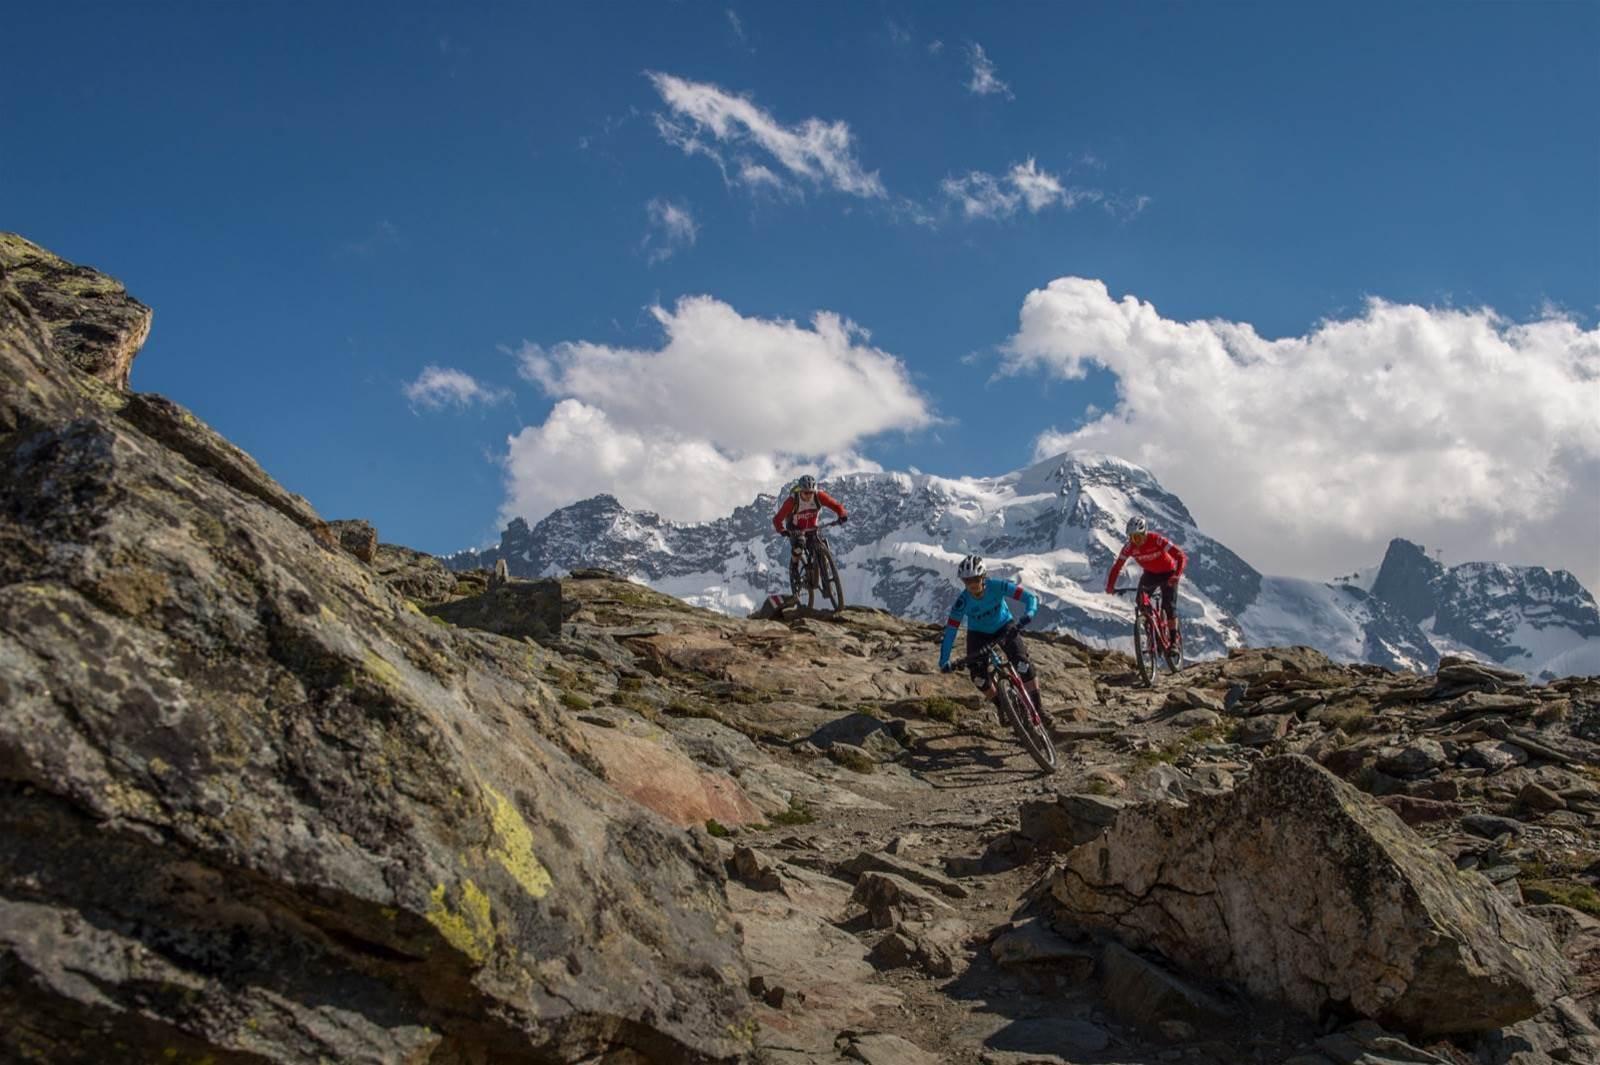 The EWS in Zermatt